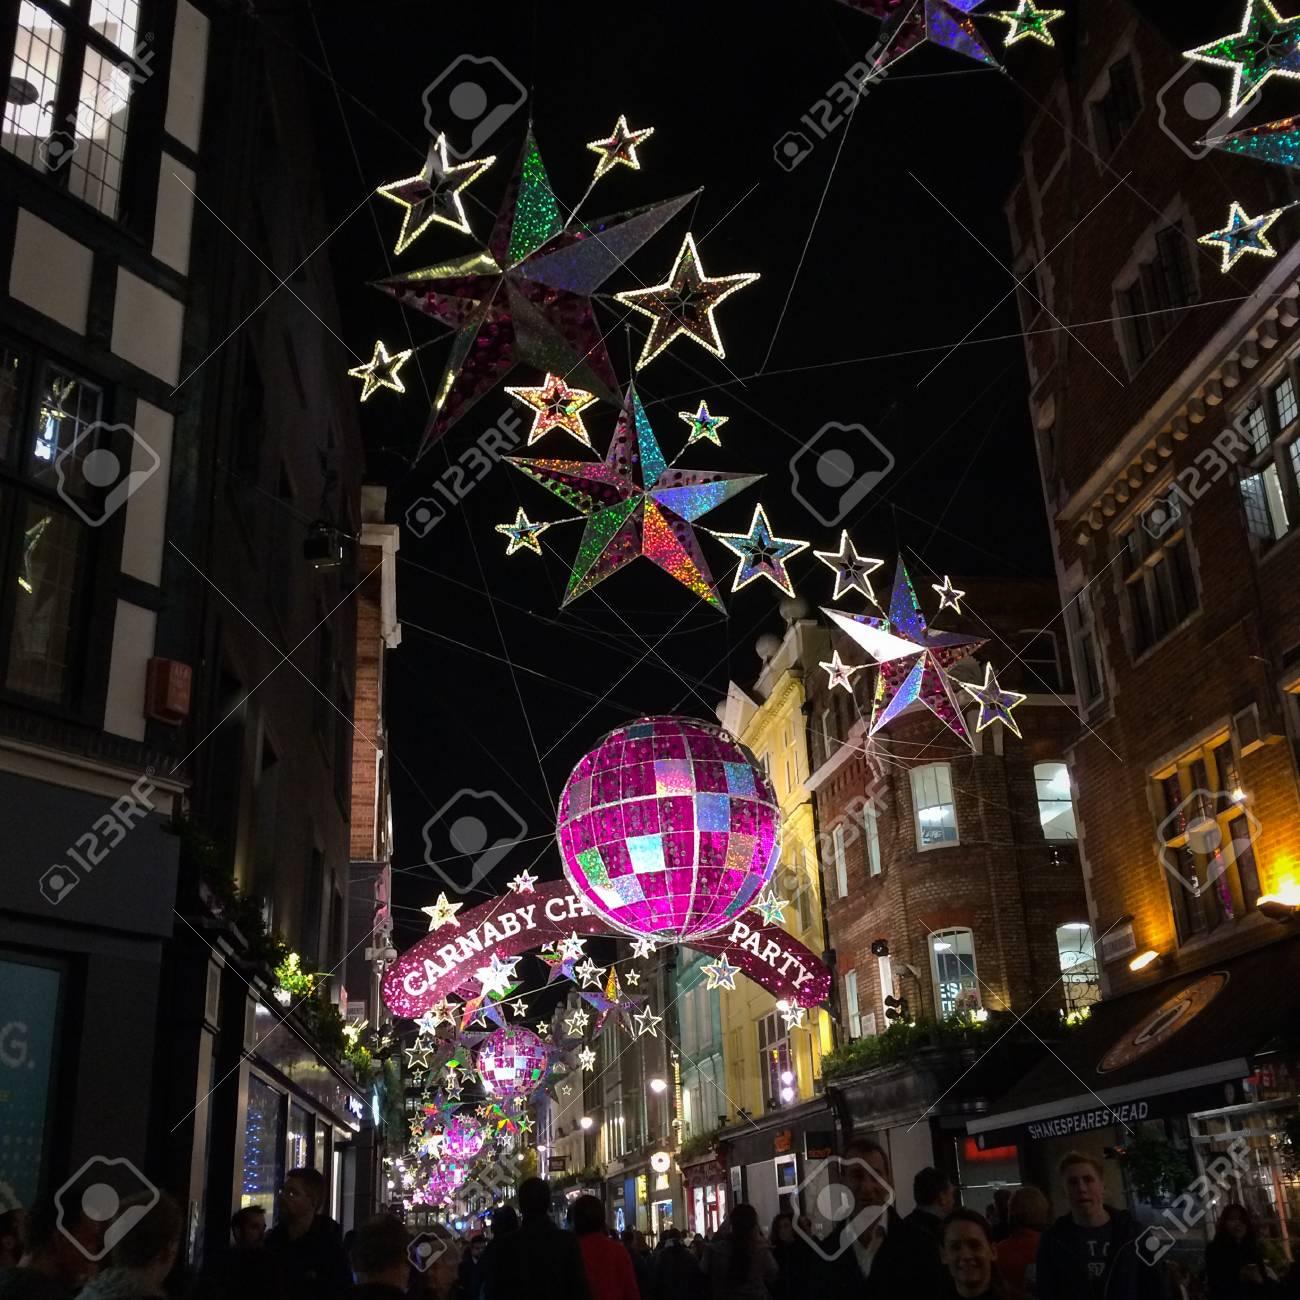 Decorazioni Natalizie Londra 2019.Londra Regno Unito A 3 Dicembre 2015 Decorazioni Natalizie A Carnaby Street Carnaby Christmas Party